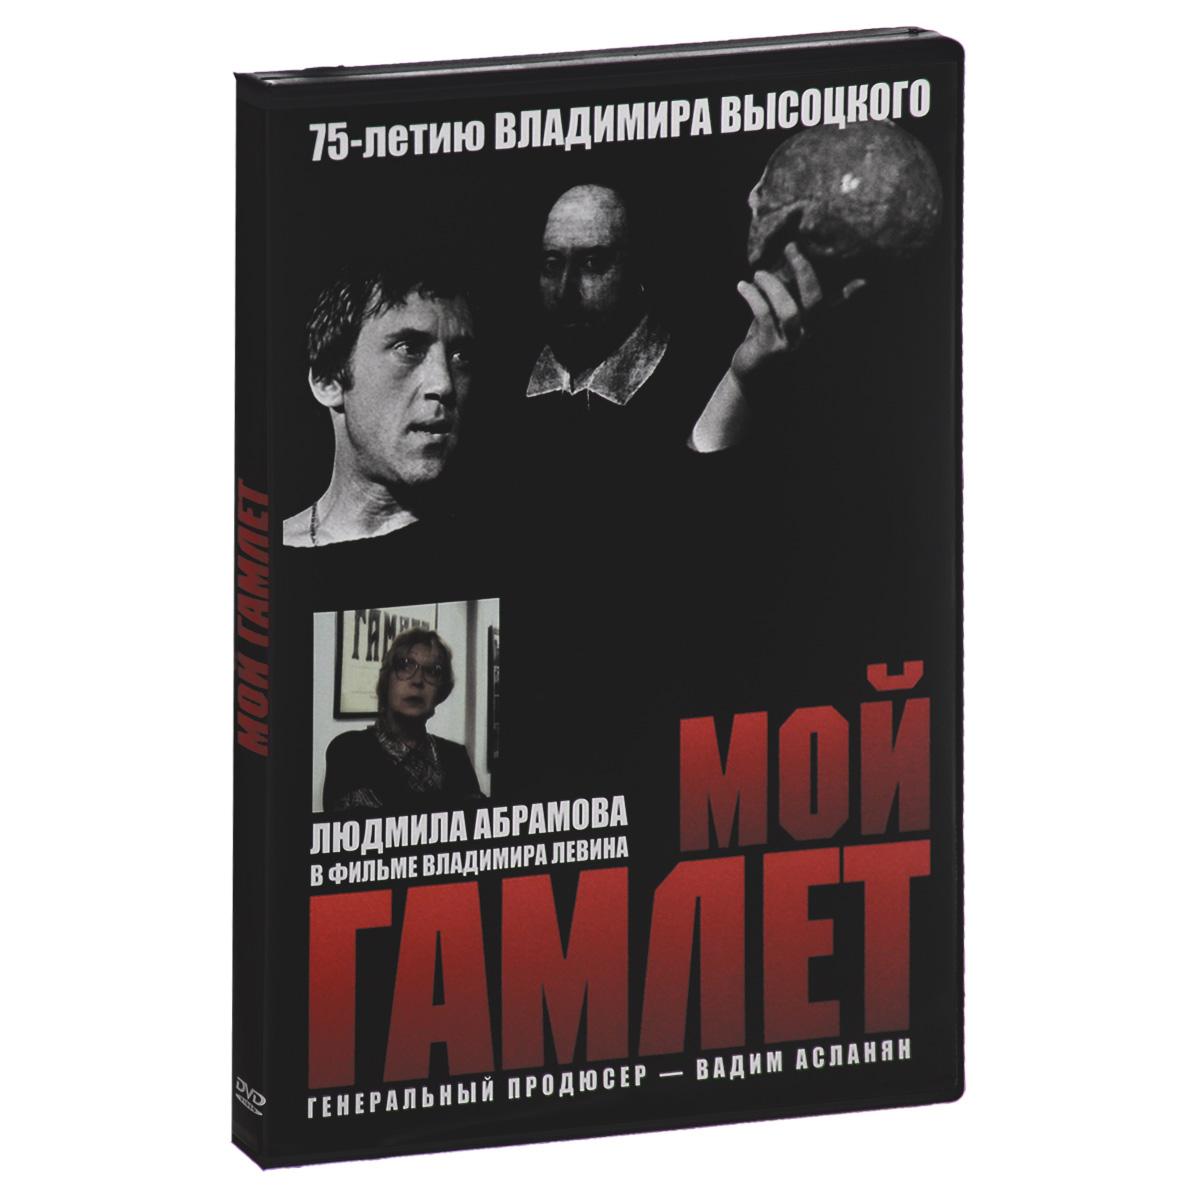 Многие актеры штурмовали роль Гамлета, поистине